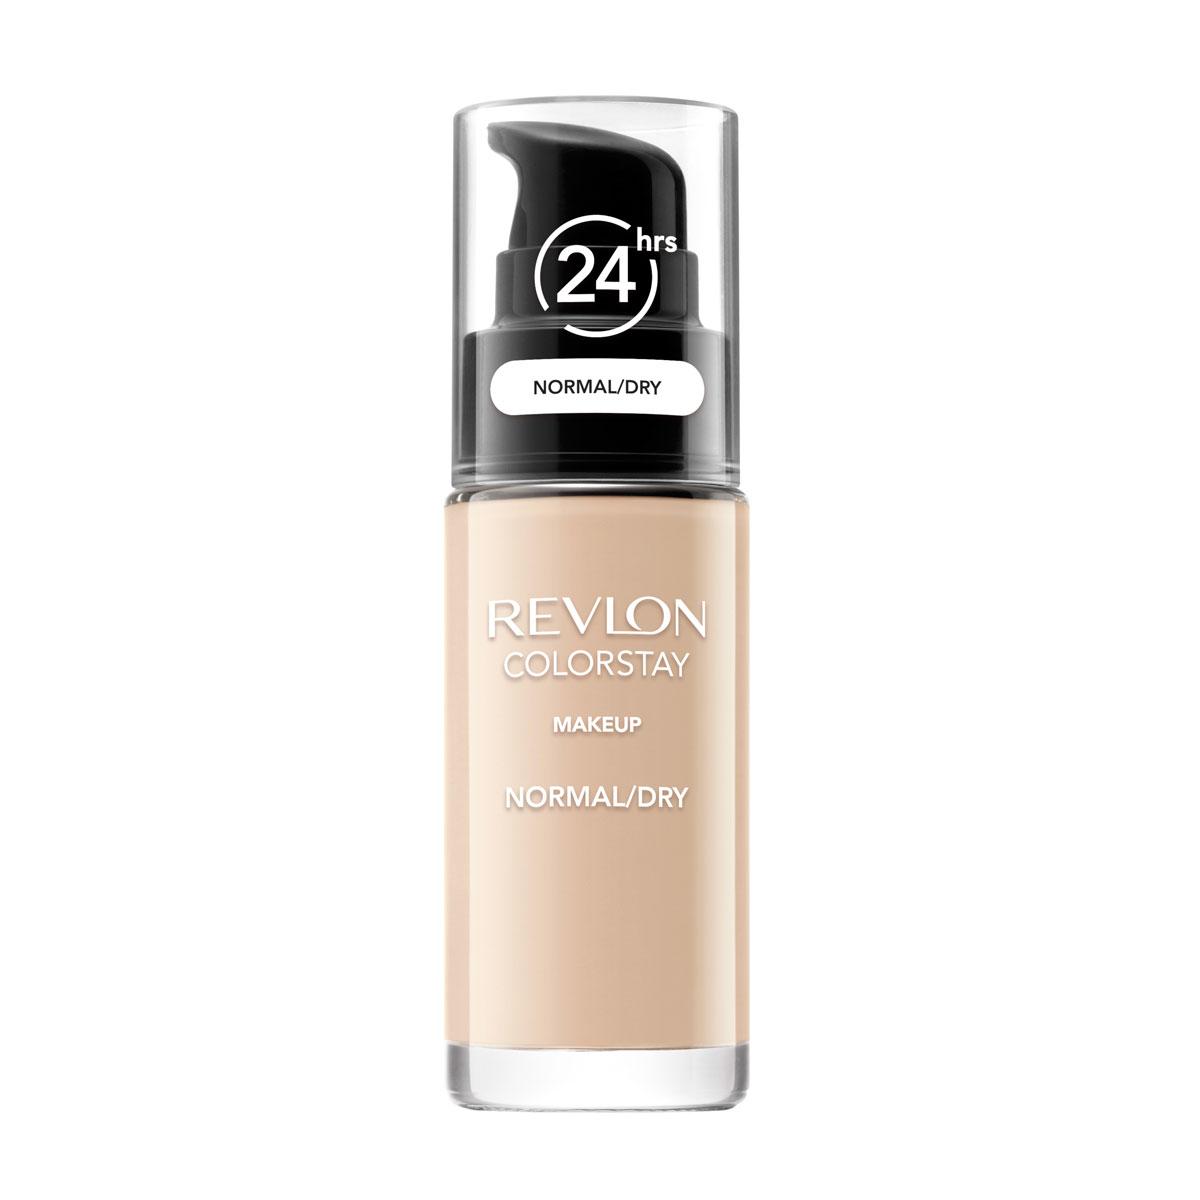 Revlon Тональный Крем для Норм-Сух Кожи Colorstay Makeup For Normal-Dry Skin Natural beige 220 30 мл7221553005Colorstay - легендарная коллекция тональных средств, выбор ведущих визажистов во всем мире! Colorstay Make Up For Normal / Dry Skin - тональный крем с удивительно легкой текстурой идеально выравнивает тон и рельеф кожи, обеспечивая ей при этом должный уровень увлажнения. Colorstay™ дарит коже приятную матовость, сохраняет макияж безупречным надолго - гарантированная стойкость в течение 24 часов! Предназначен для сухой и нормальной кожи.Наносите крем легкими разглаживающими движениями от центра к контурам с помощью кисти или пальцев, затем растушуйте на границе нанесения: у линии роста волос, в области шеи и ушей.